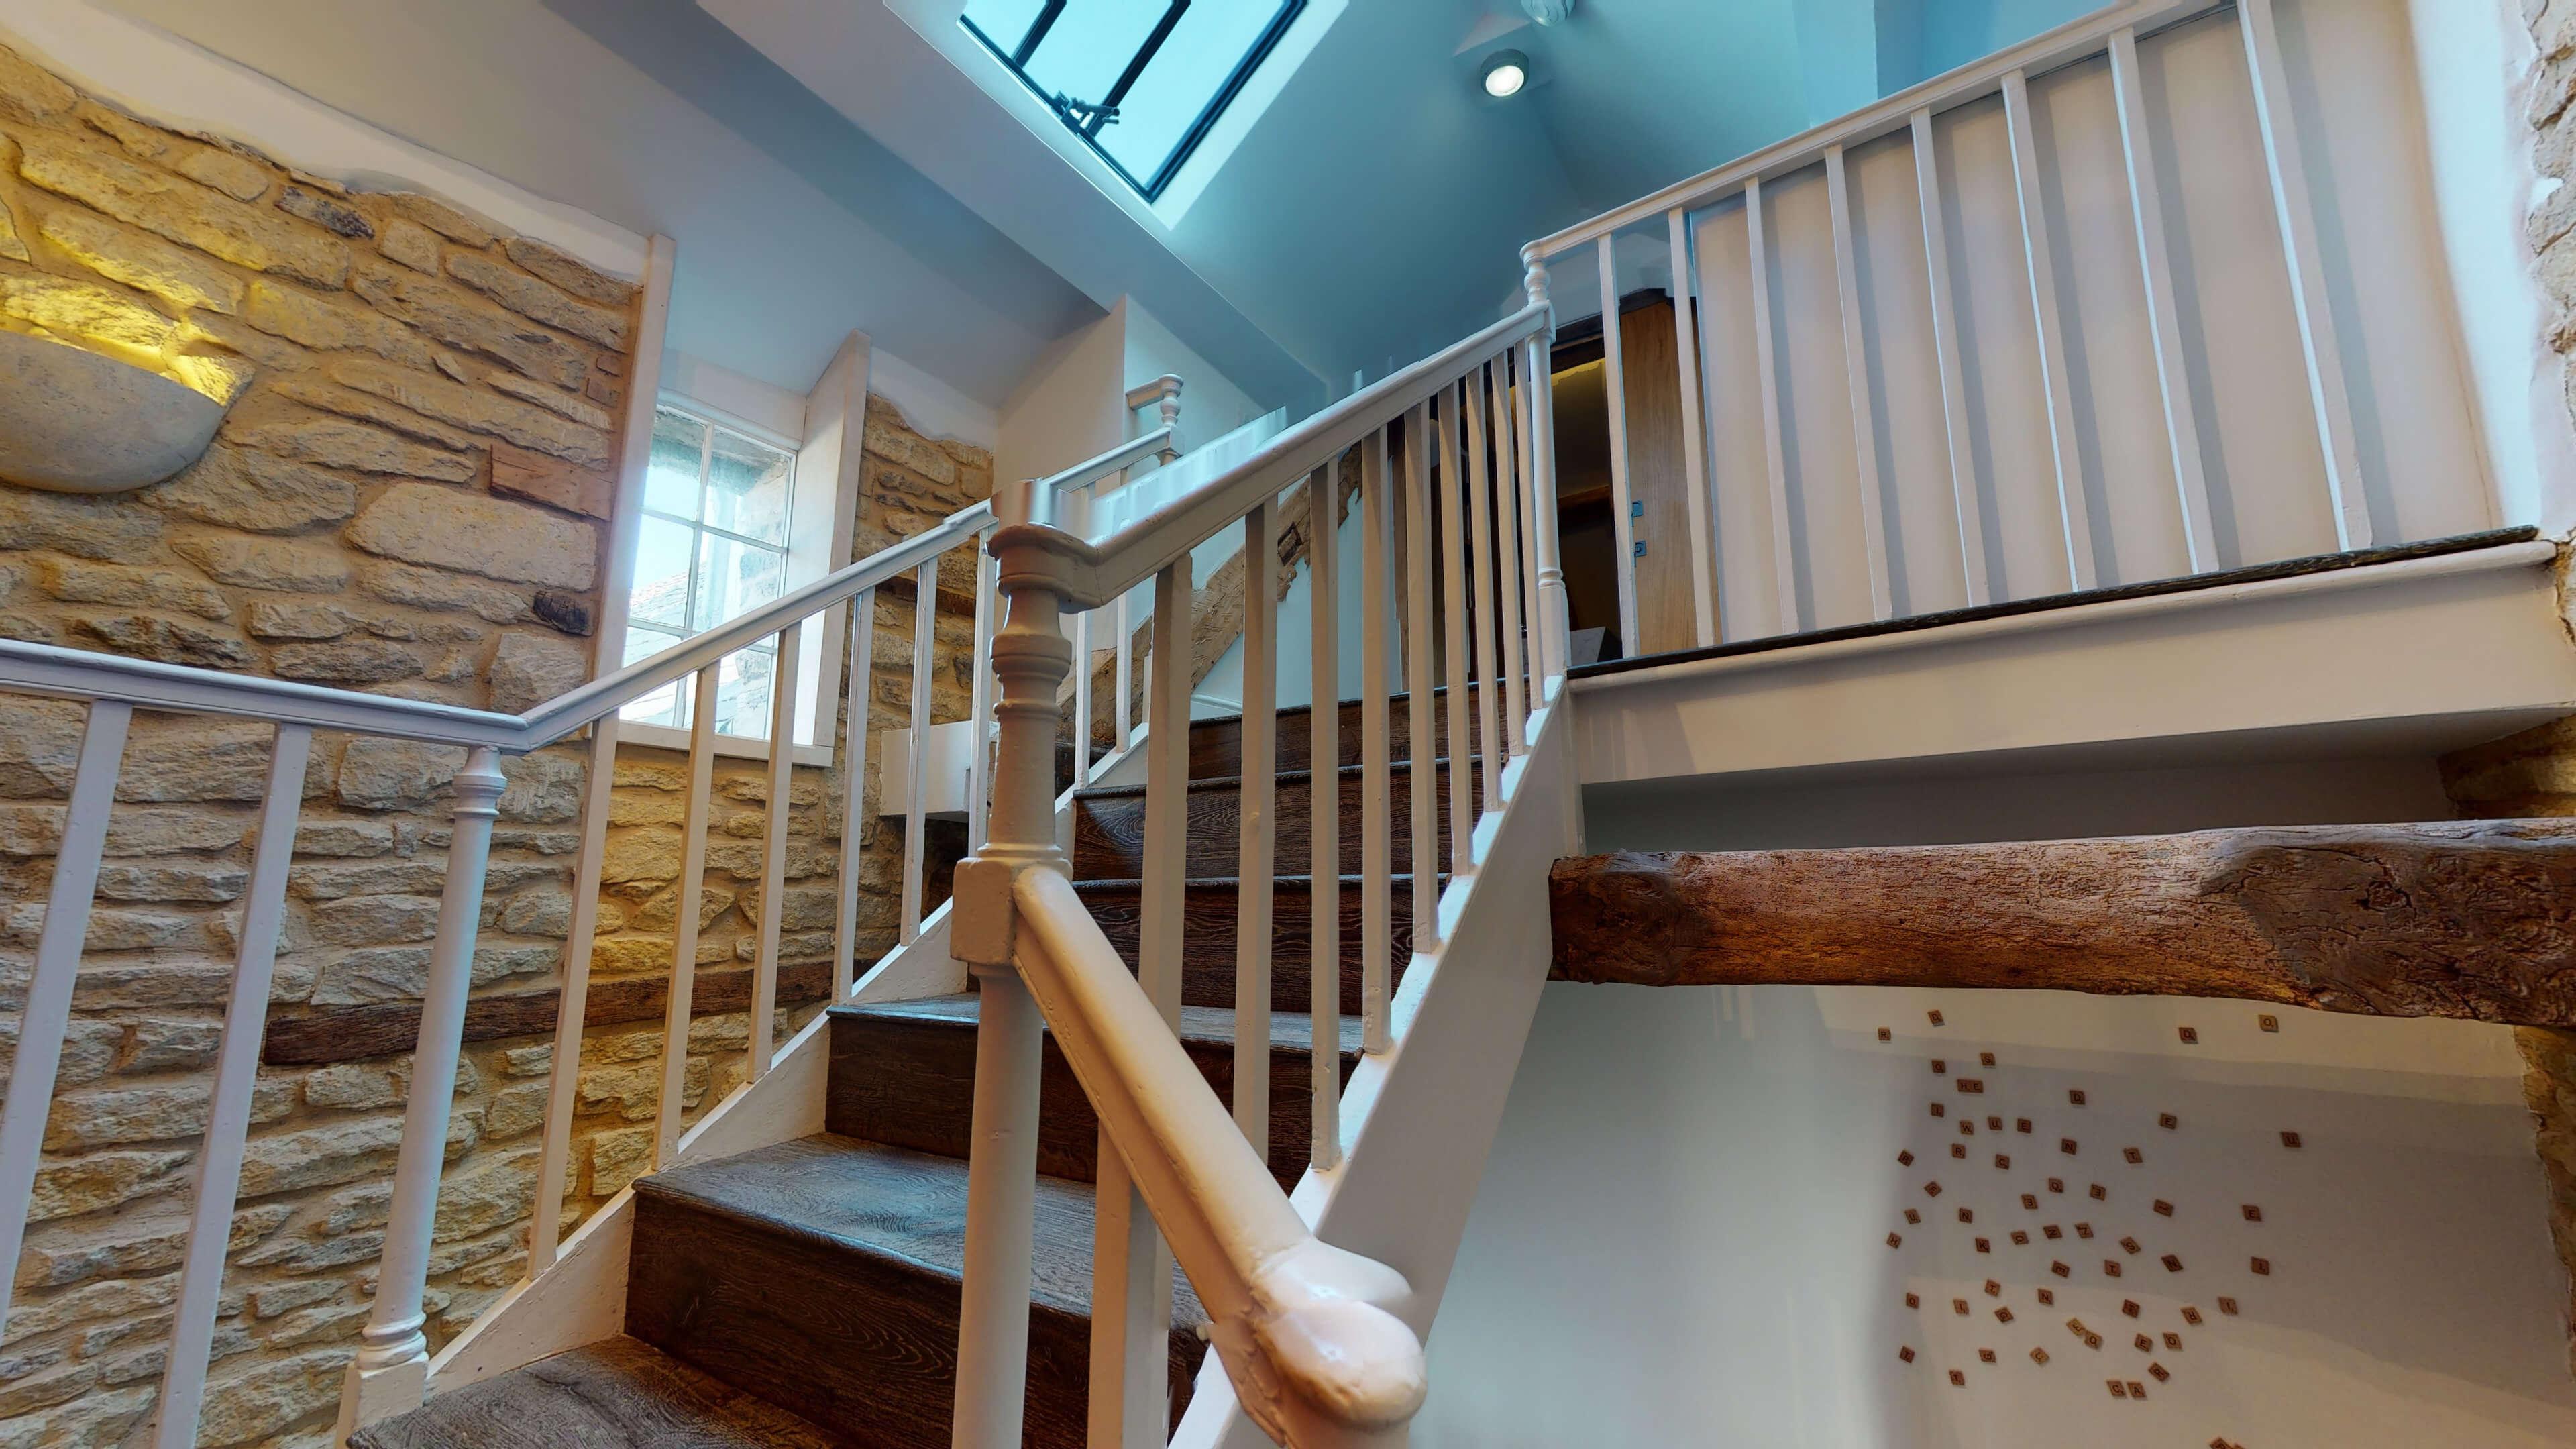 Woodstock Town View Woodstock Town View Stairway